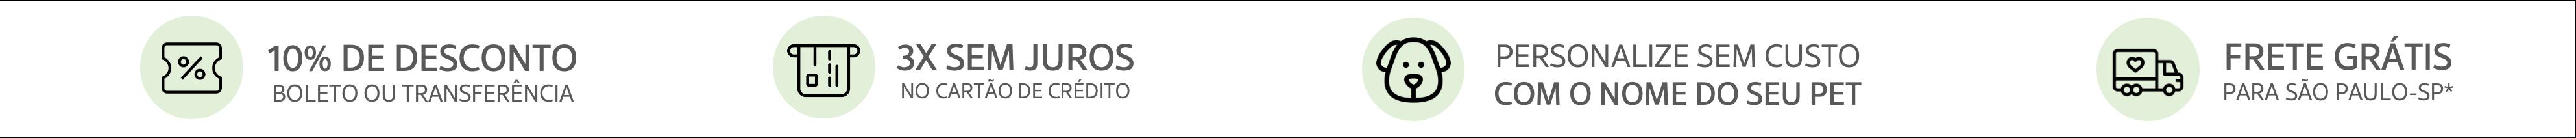 Banner Tarja 2020 - Verde